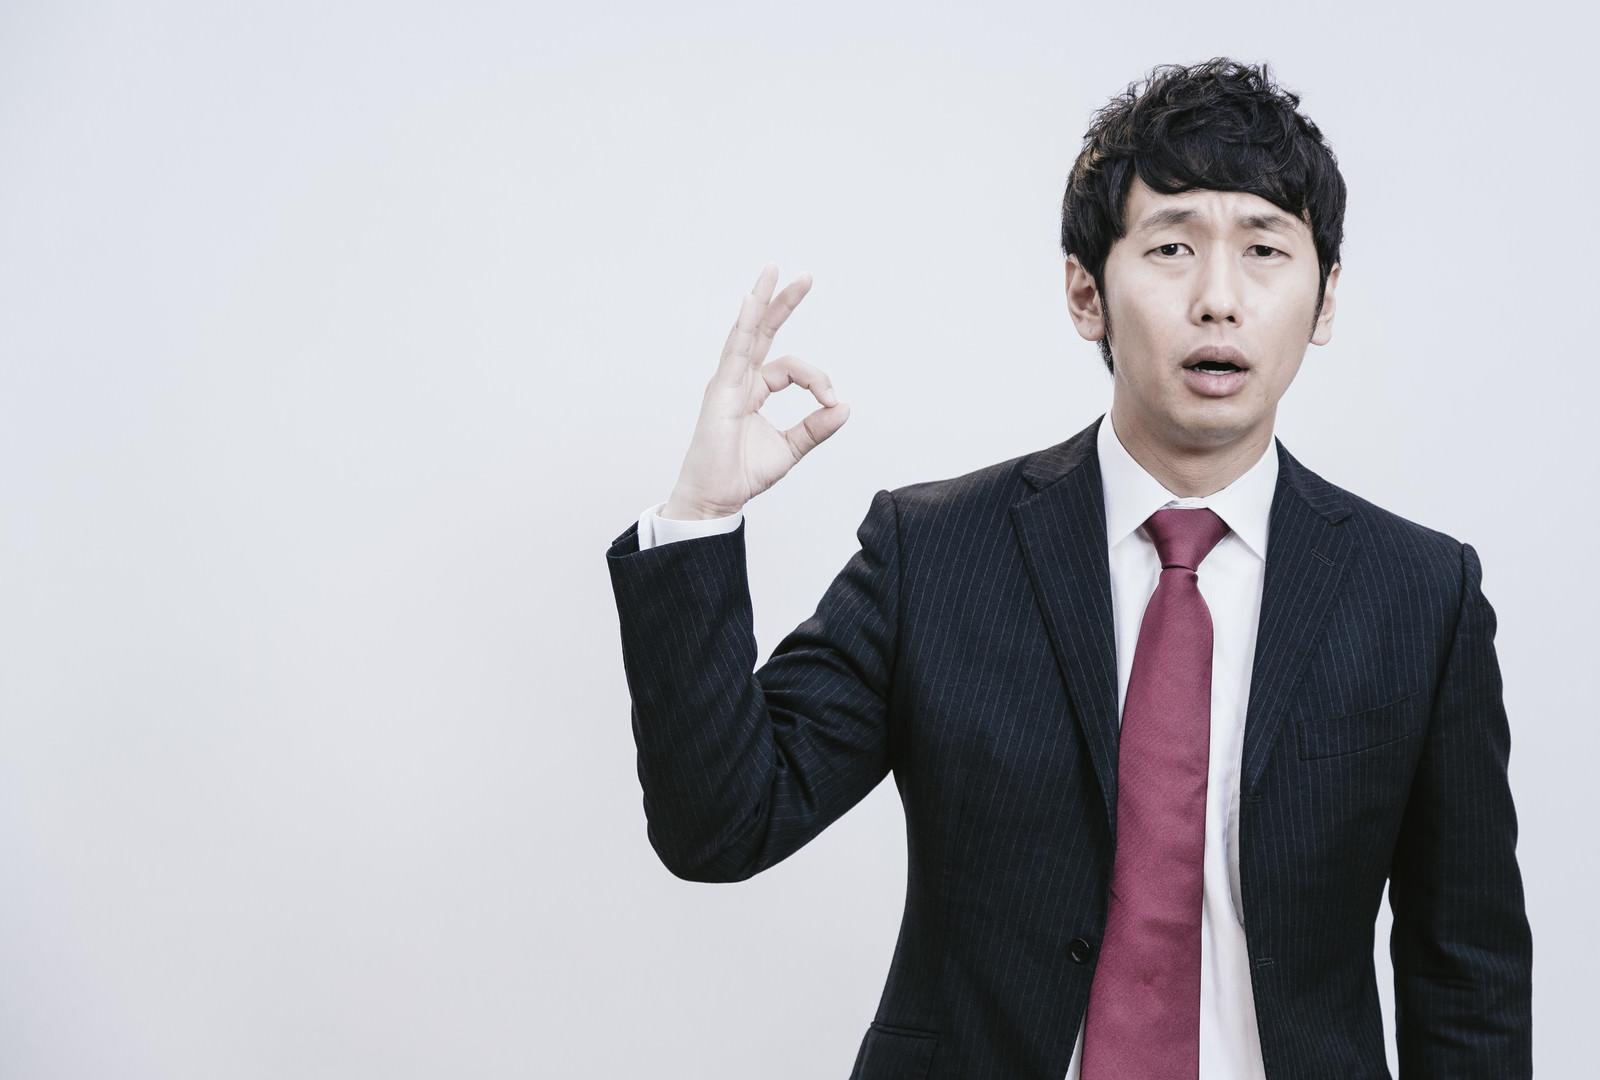 「OKサインを出す主任の男性   写真の無料素材・フリー素材 - ぱくたそ」の写真[モデル:大川竜弥]